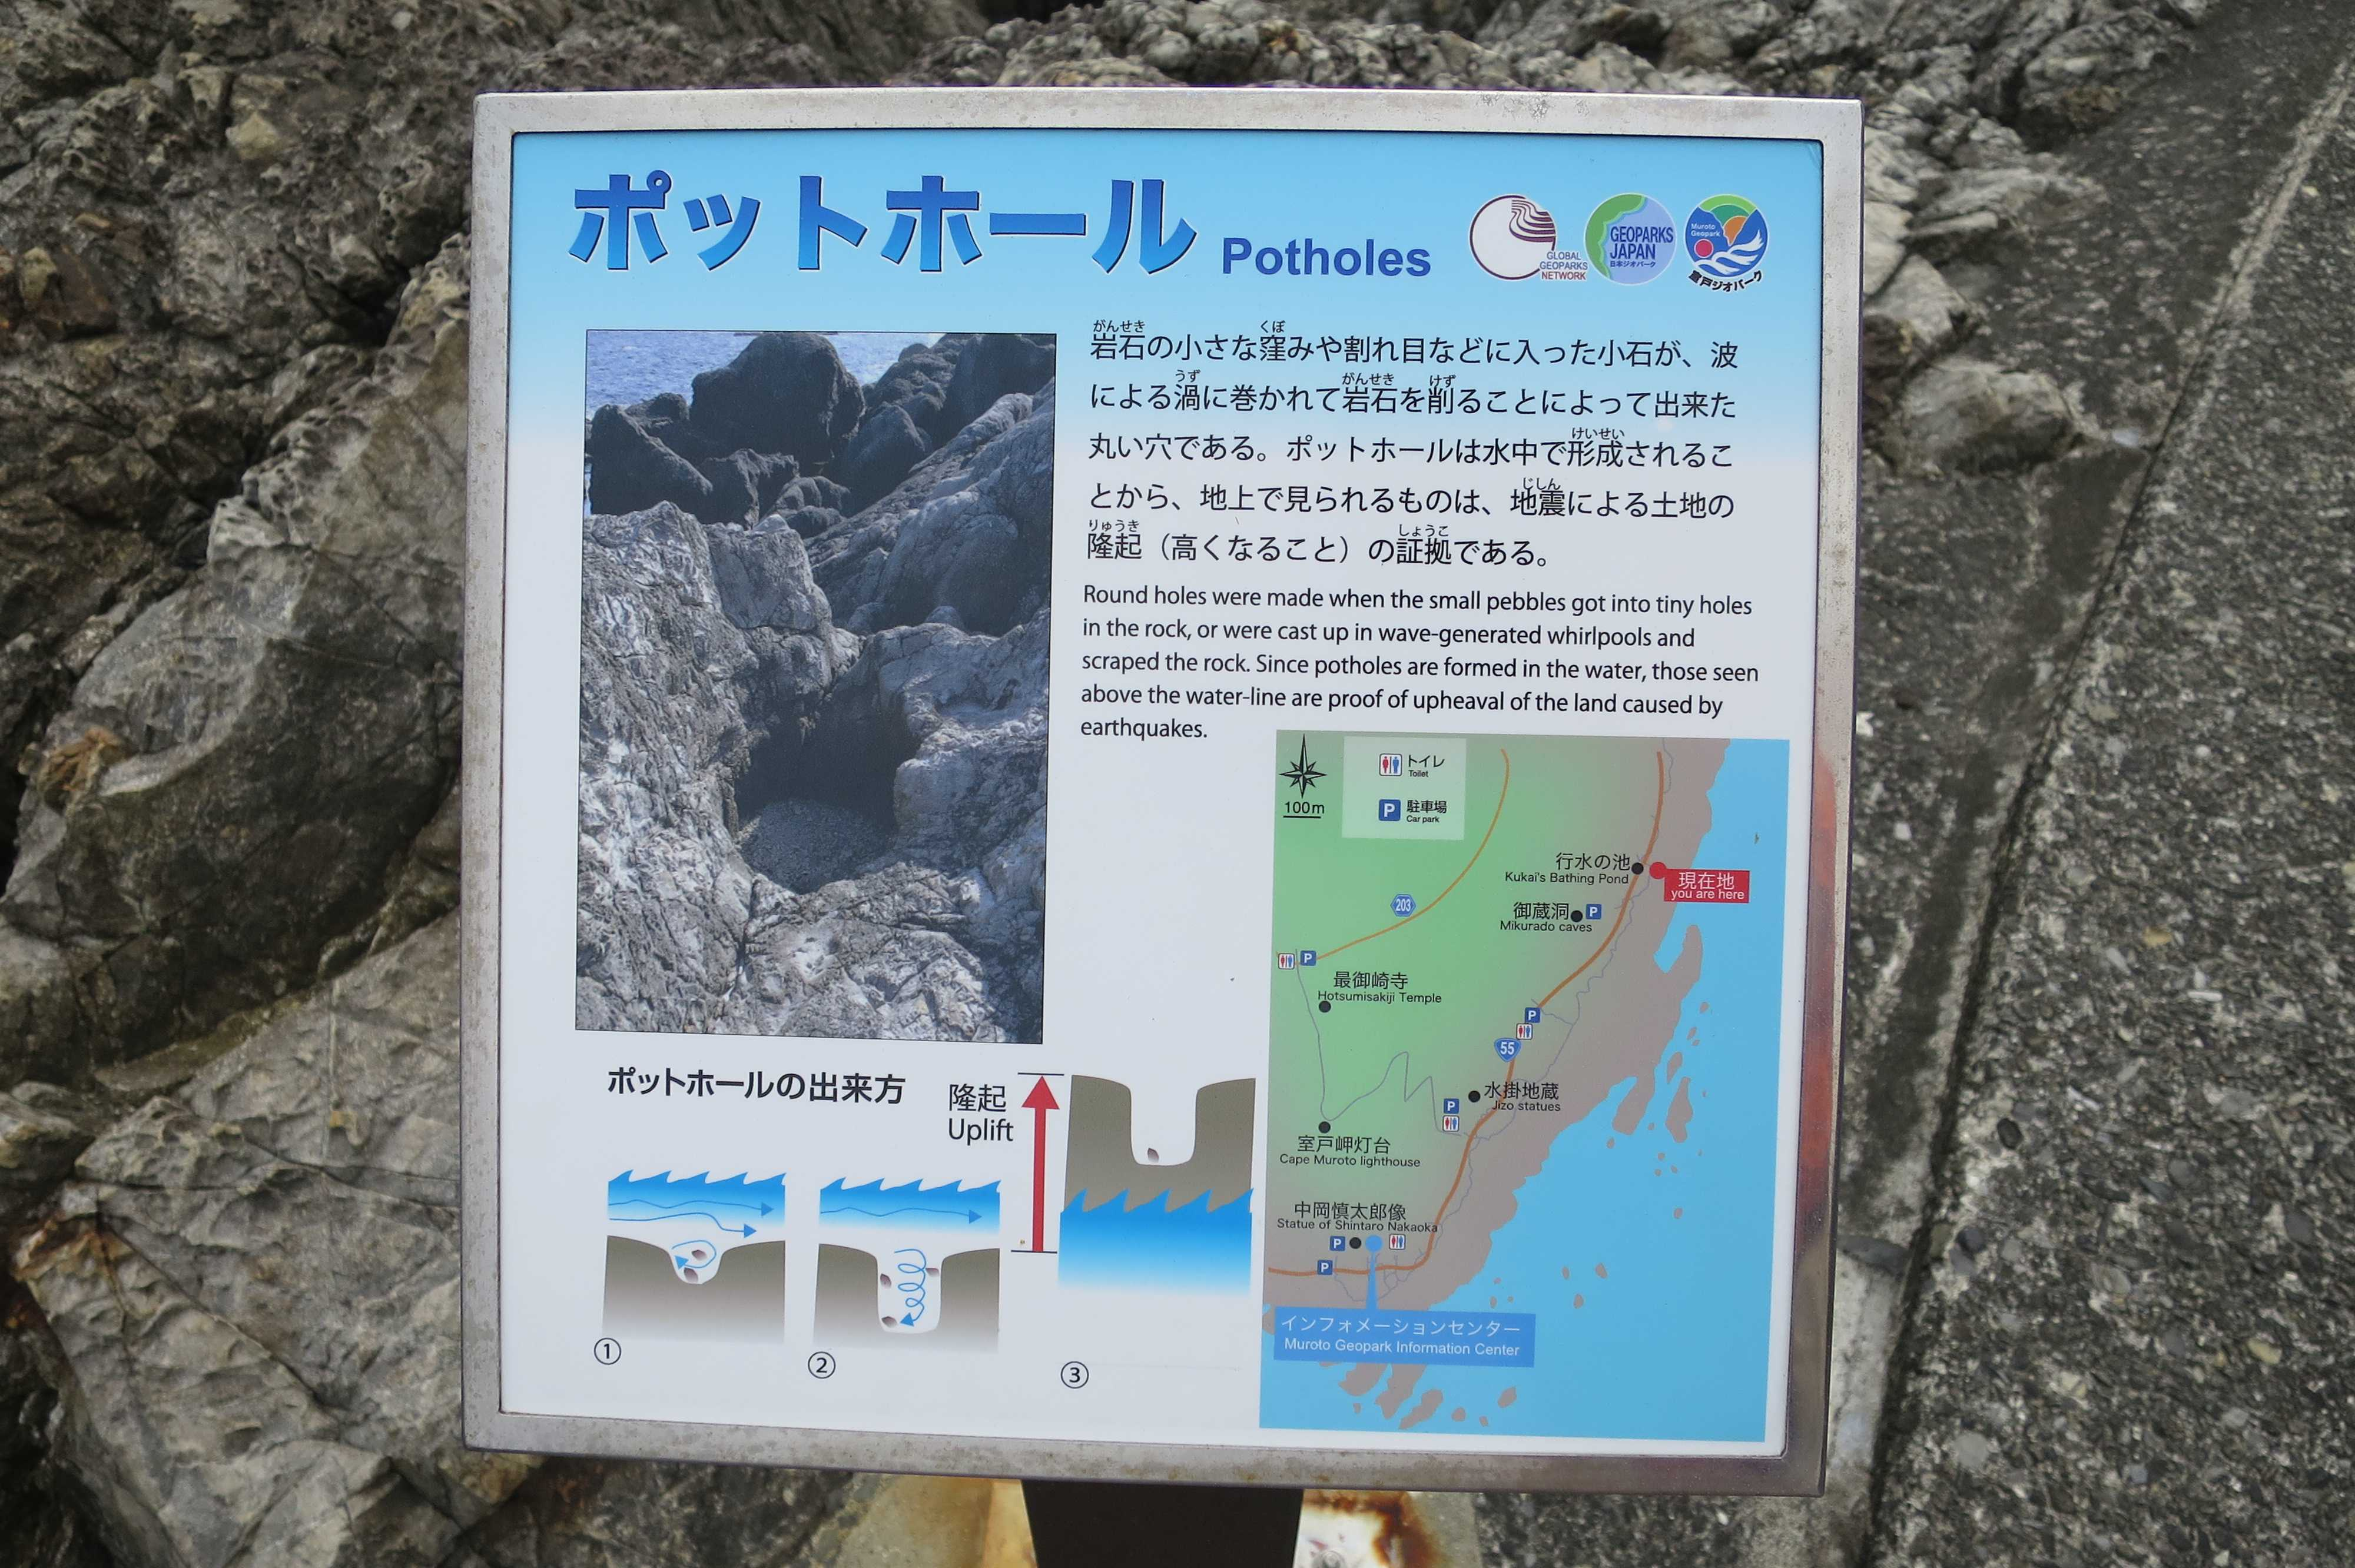 ポットホール Potholes - 室戸岬 乱礁遊歩道